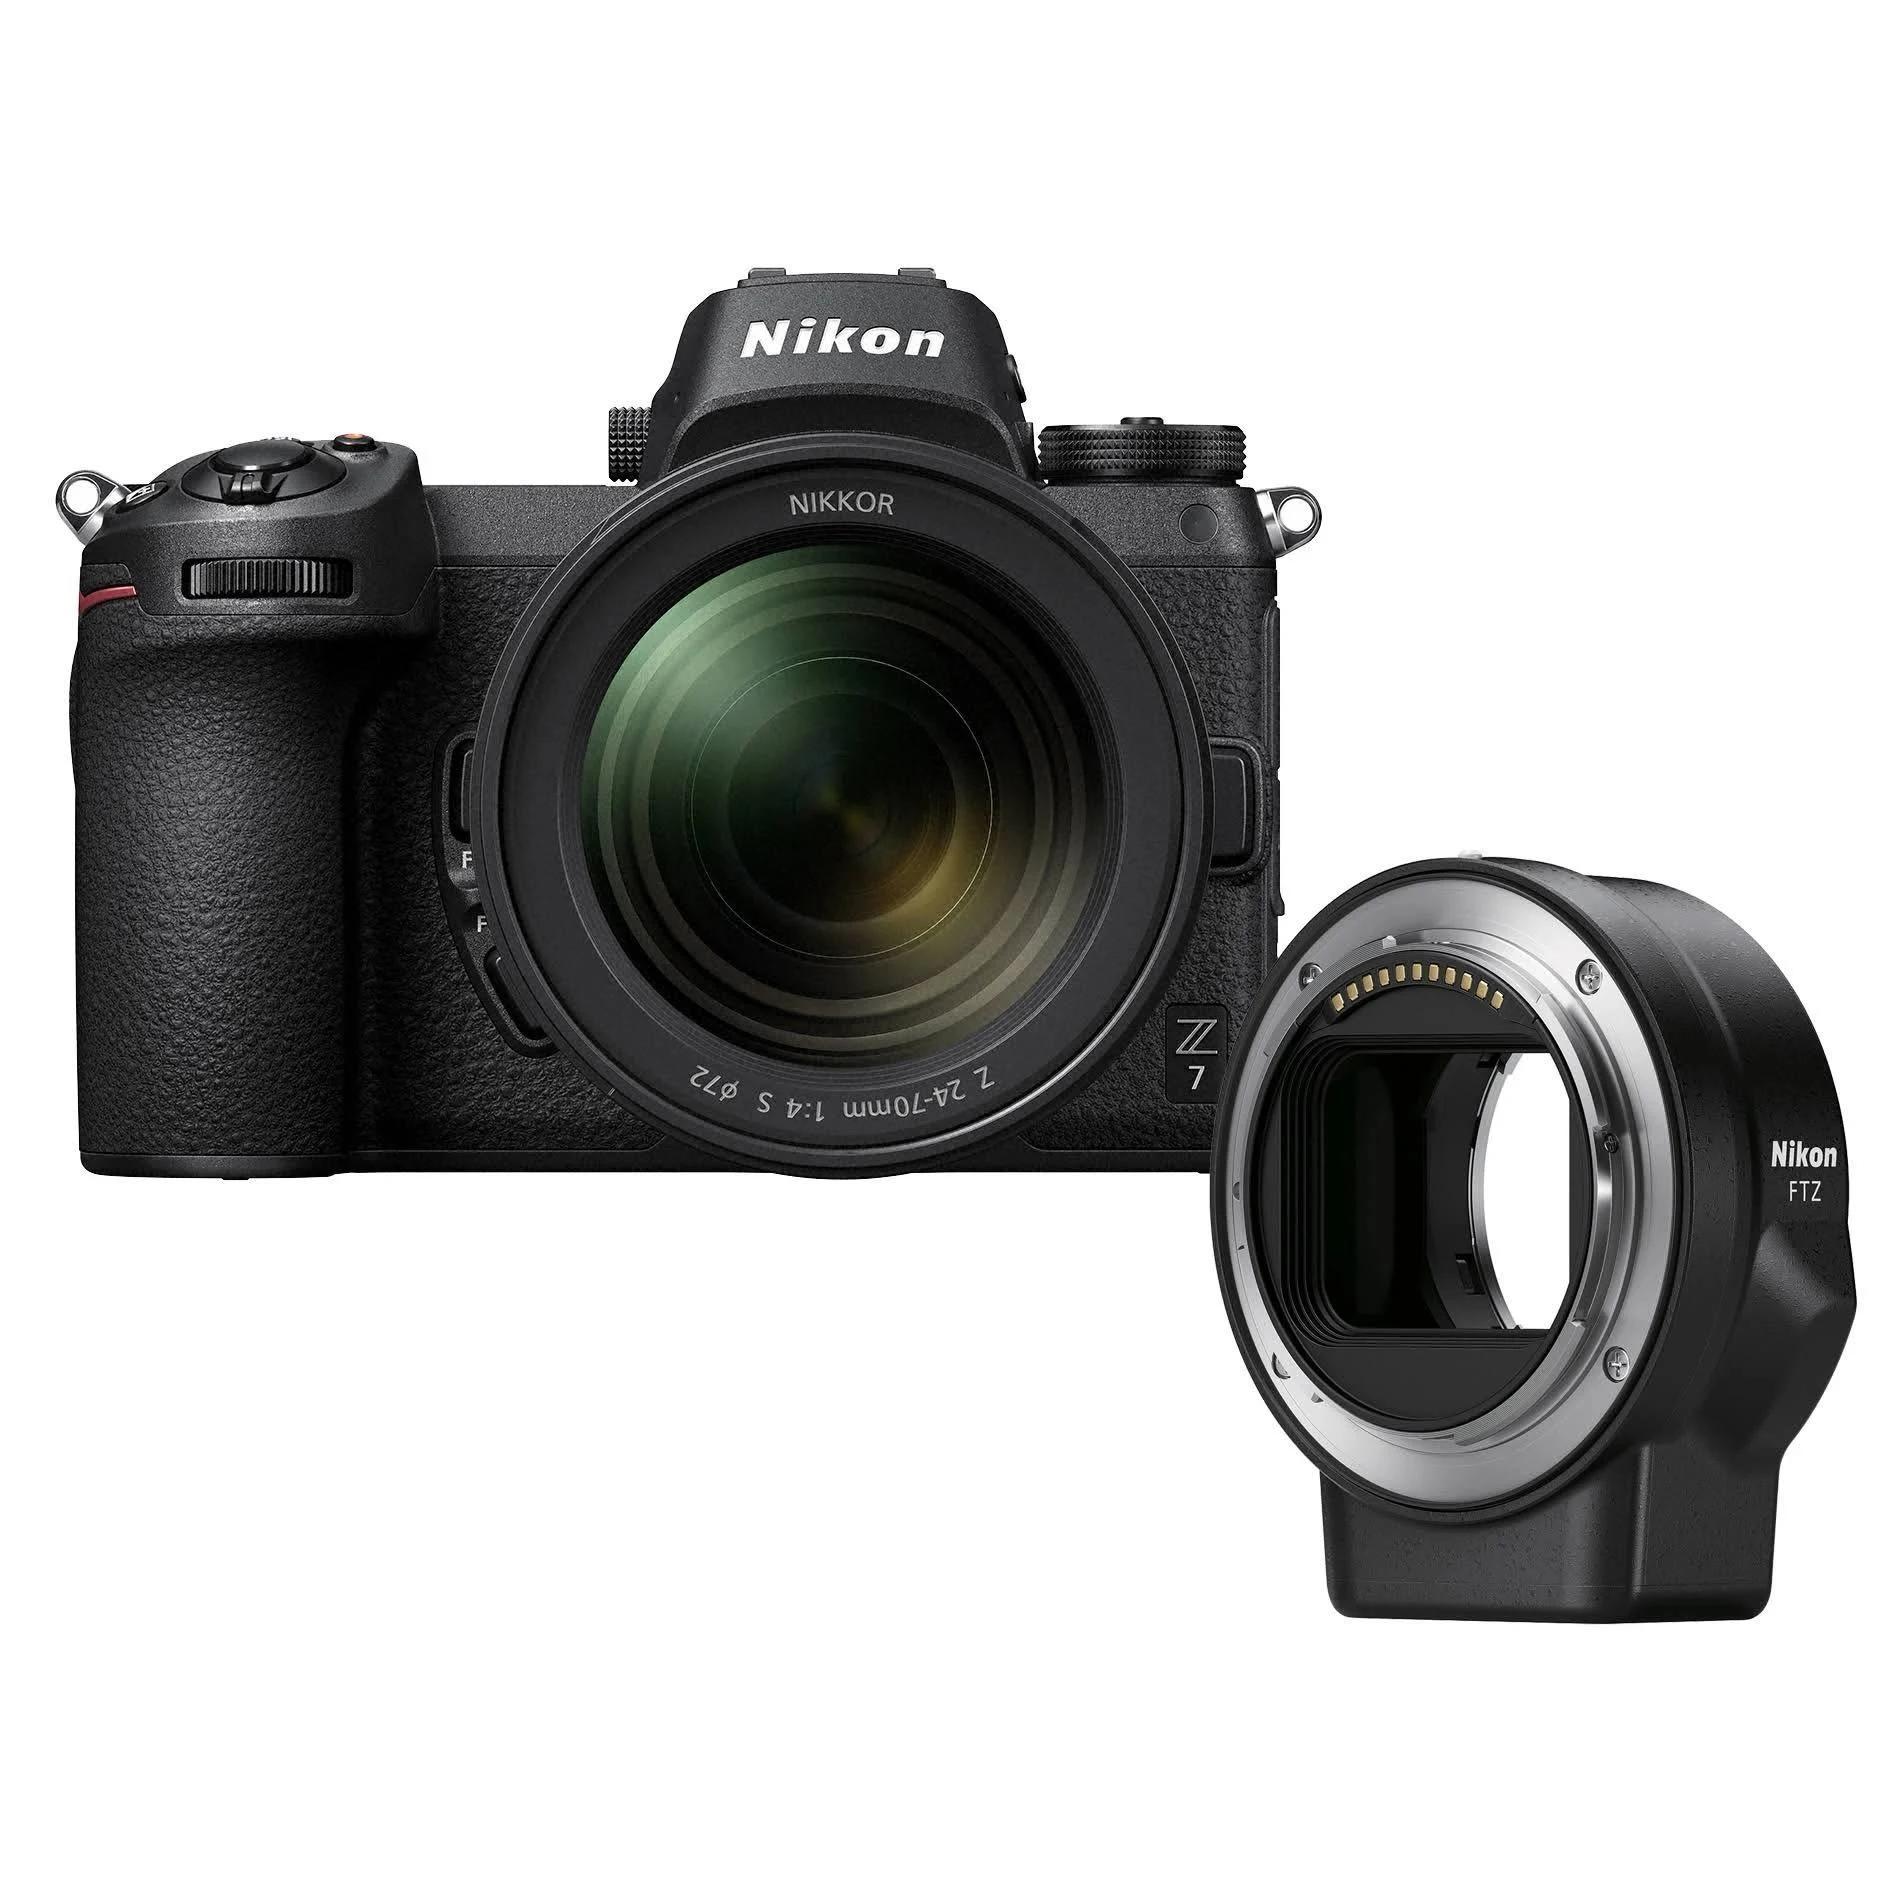 Nikon Z7 + Z 24-70/4 S + FTZ Adapter Kit